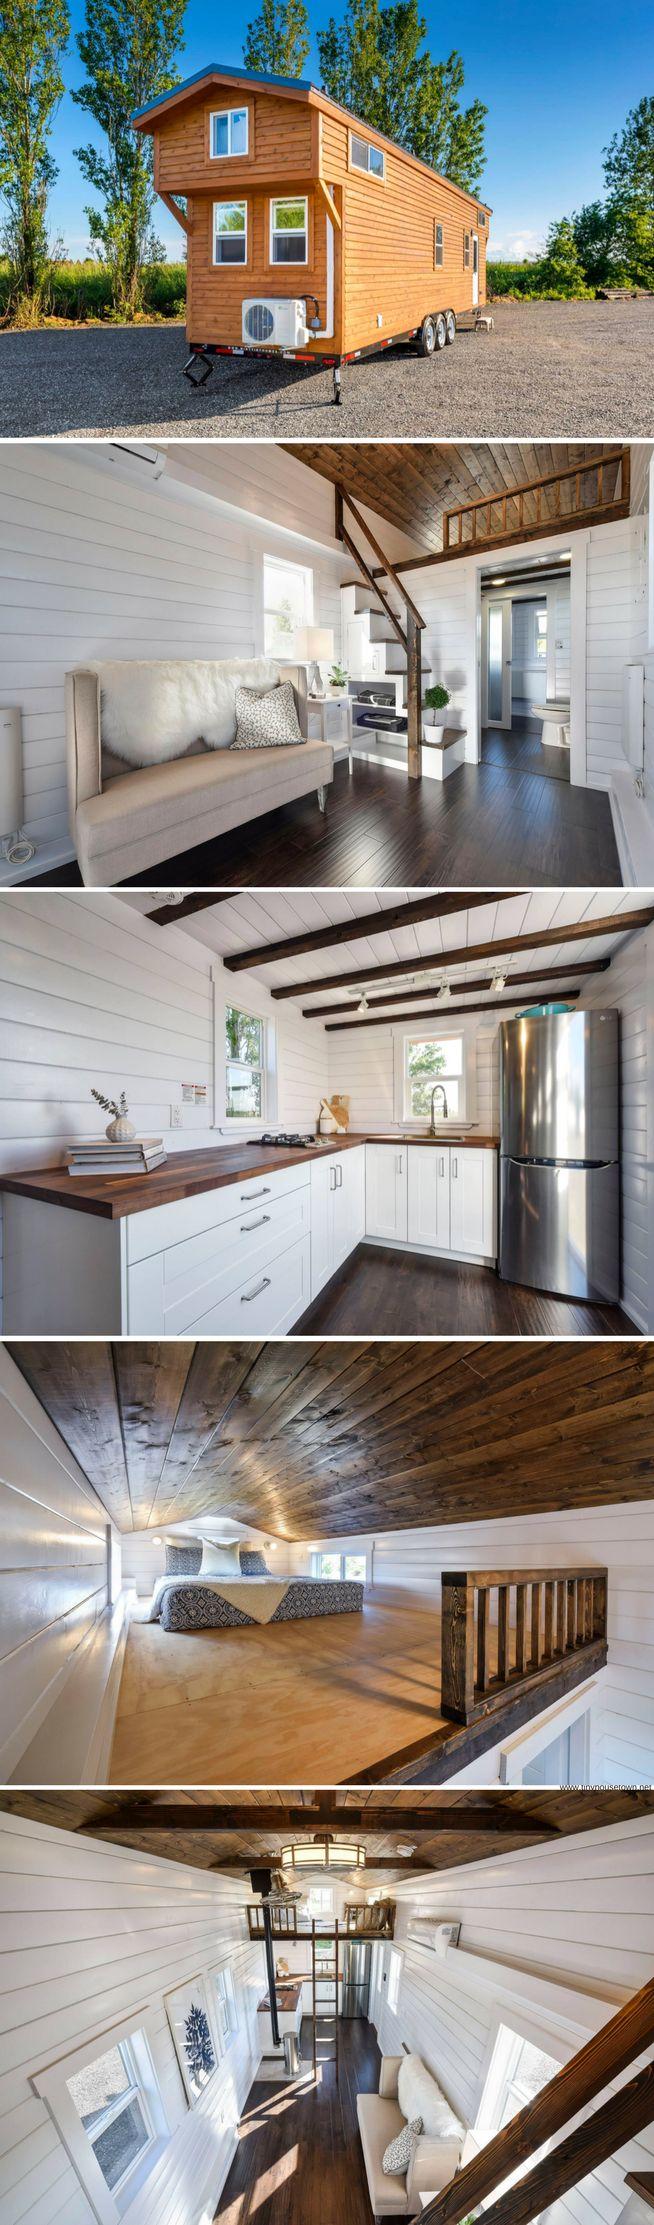 The Loft Edition from Mint Tiny House Company